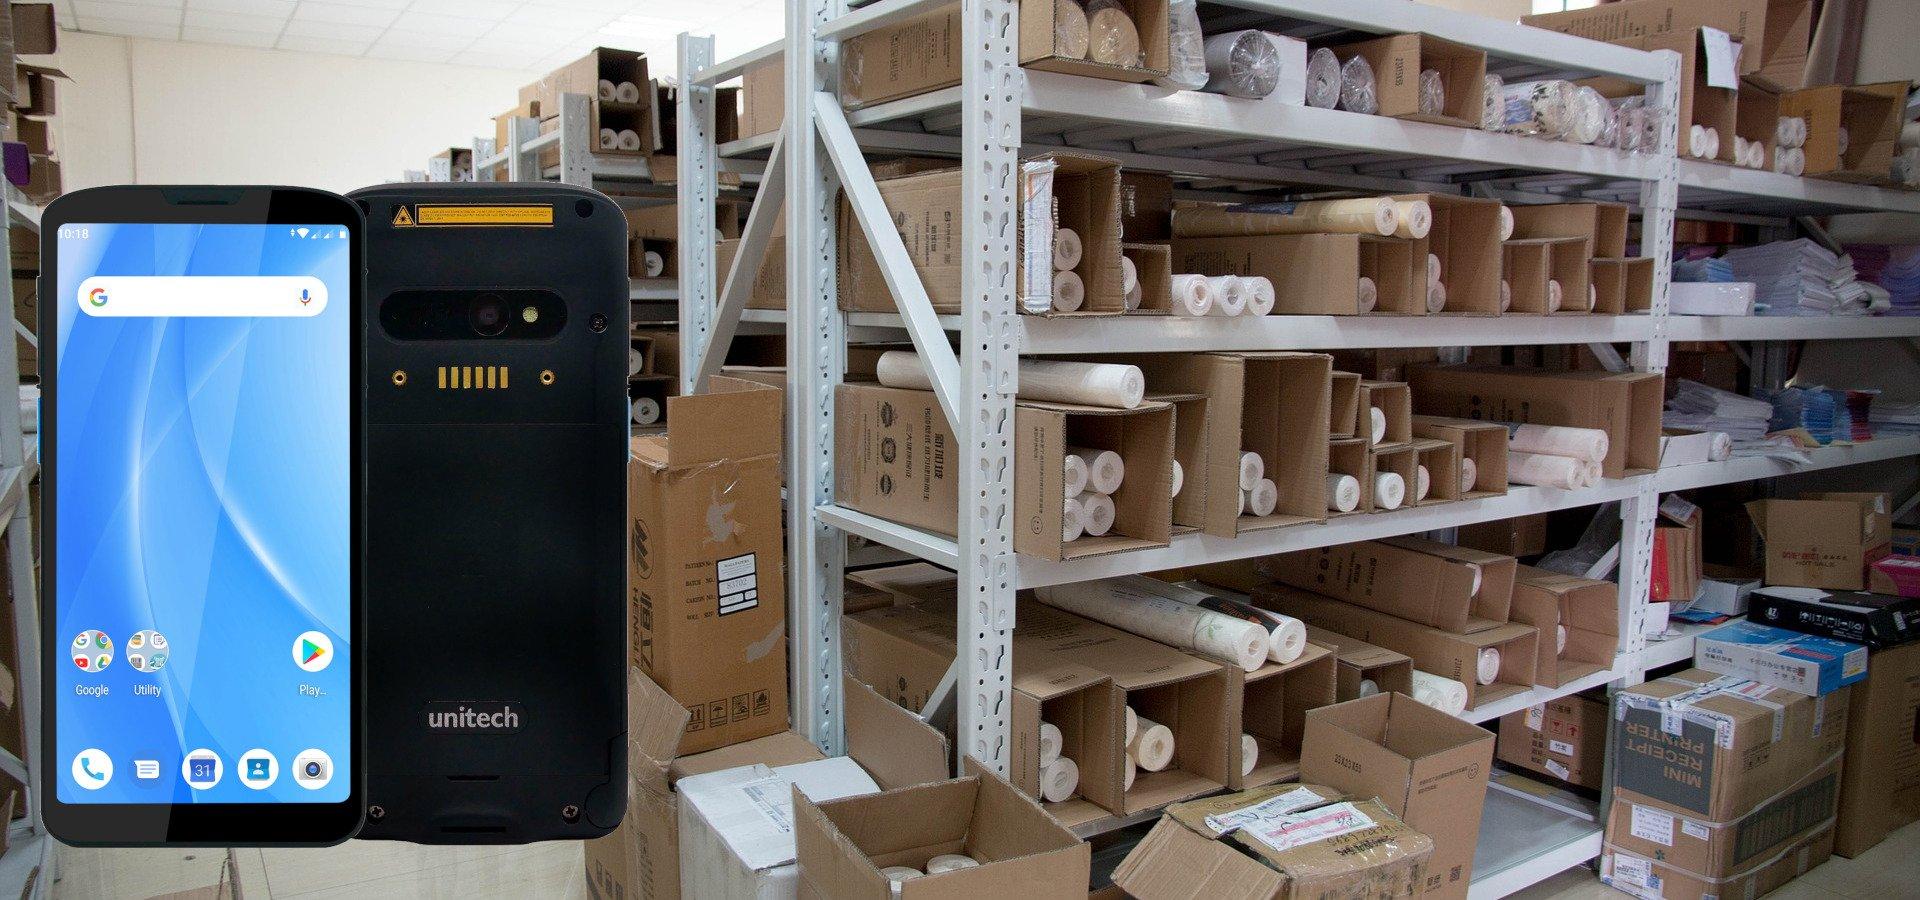 Kostengünstige Lagermodernisierung mit dem Unitech EA630 und COSYS